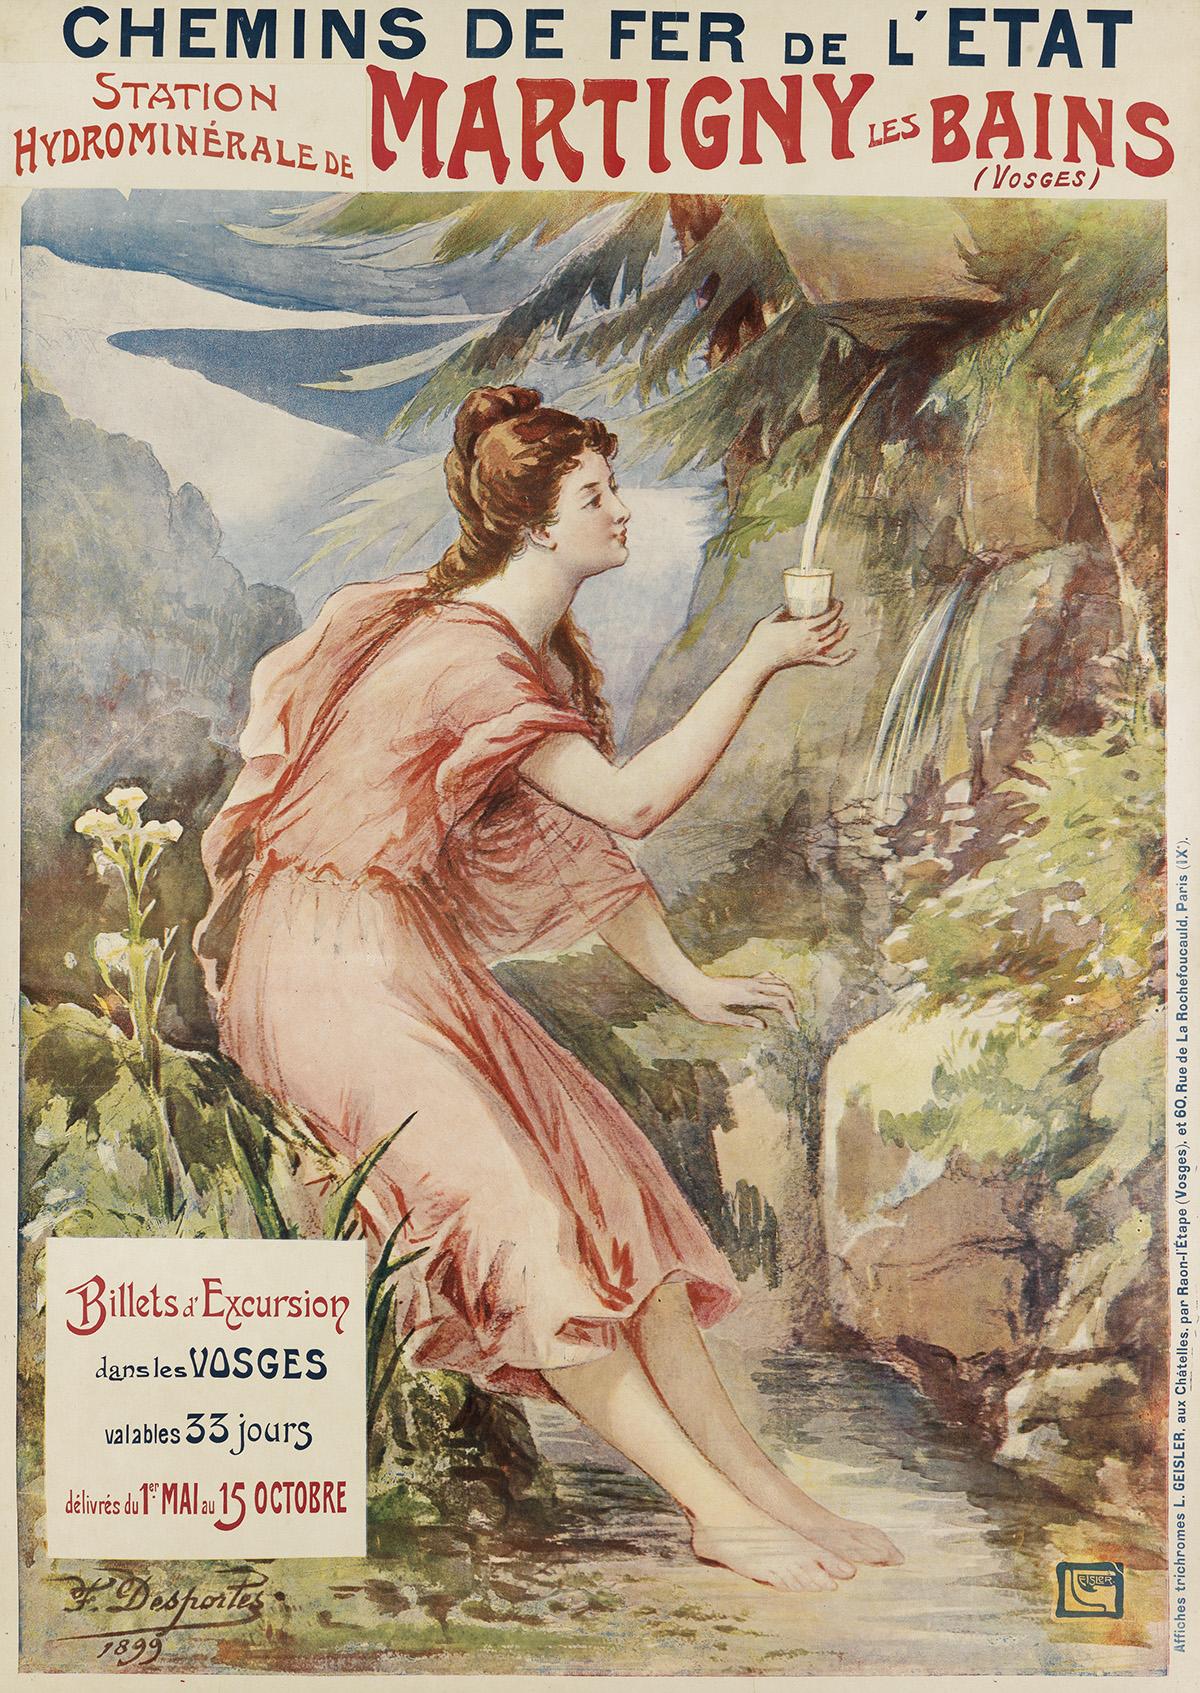 FRANCISQUE-DESPORTES-(1849-1891)-MARTIGNY-LES-BAINS-1899-41x